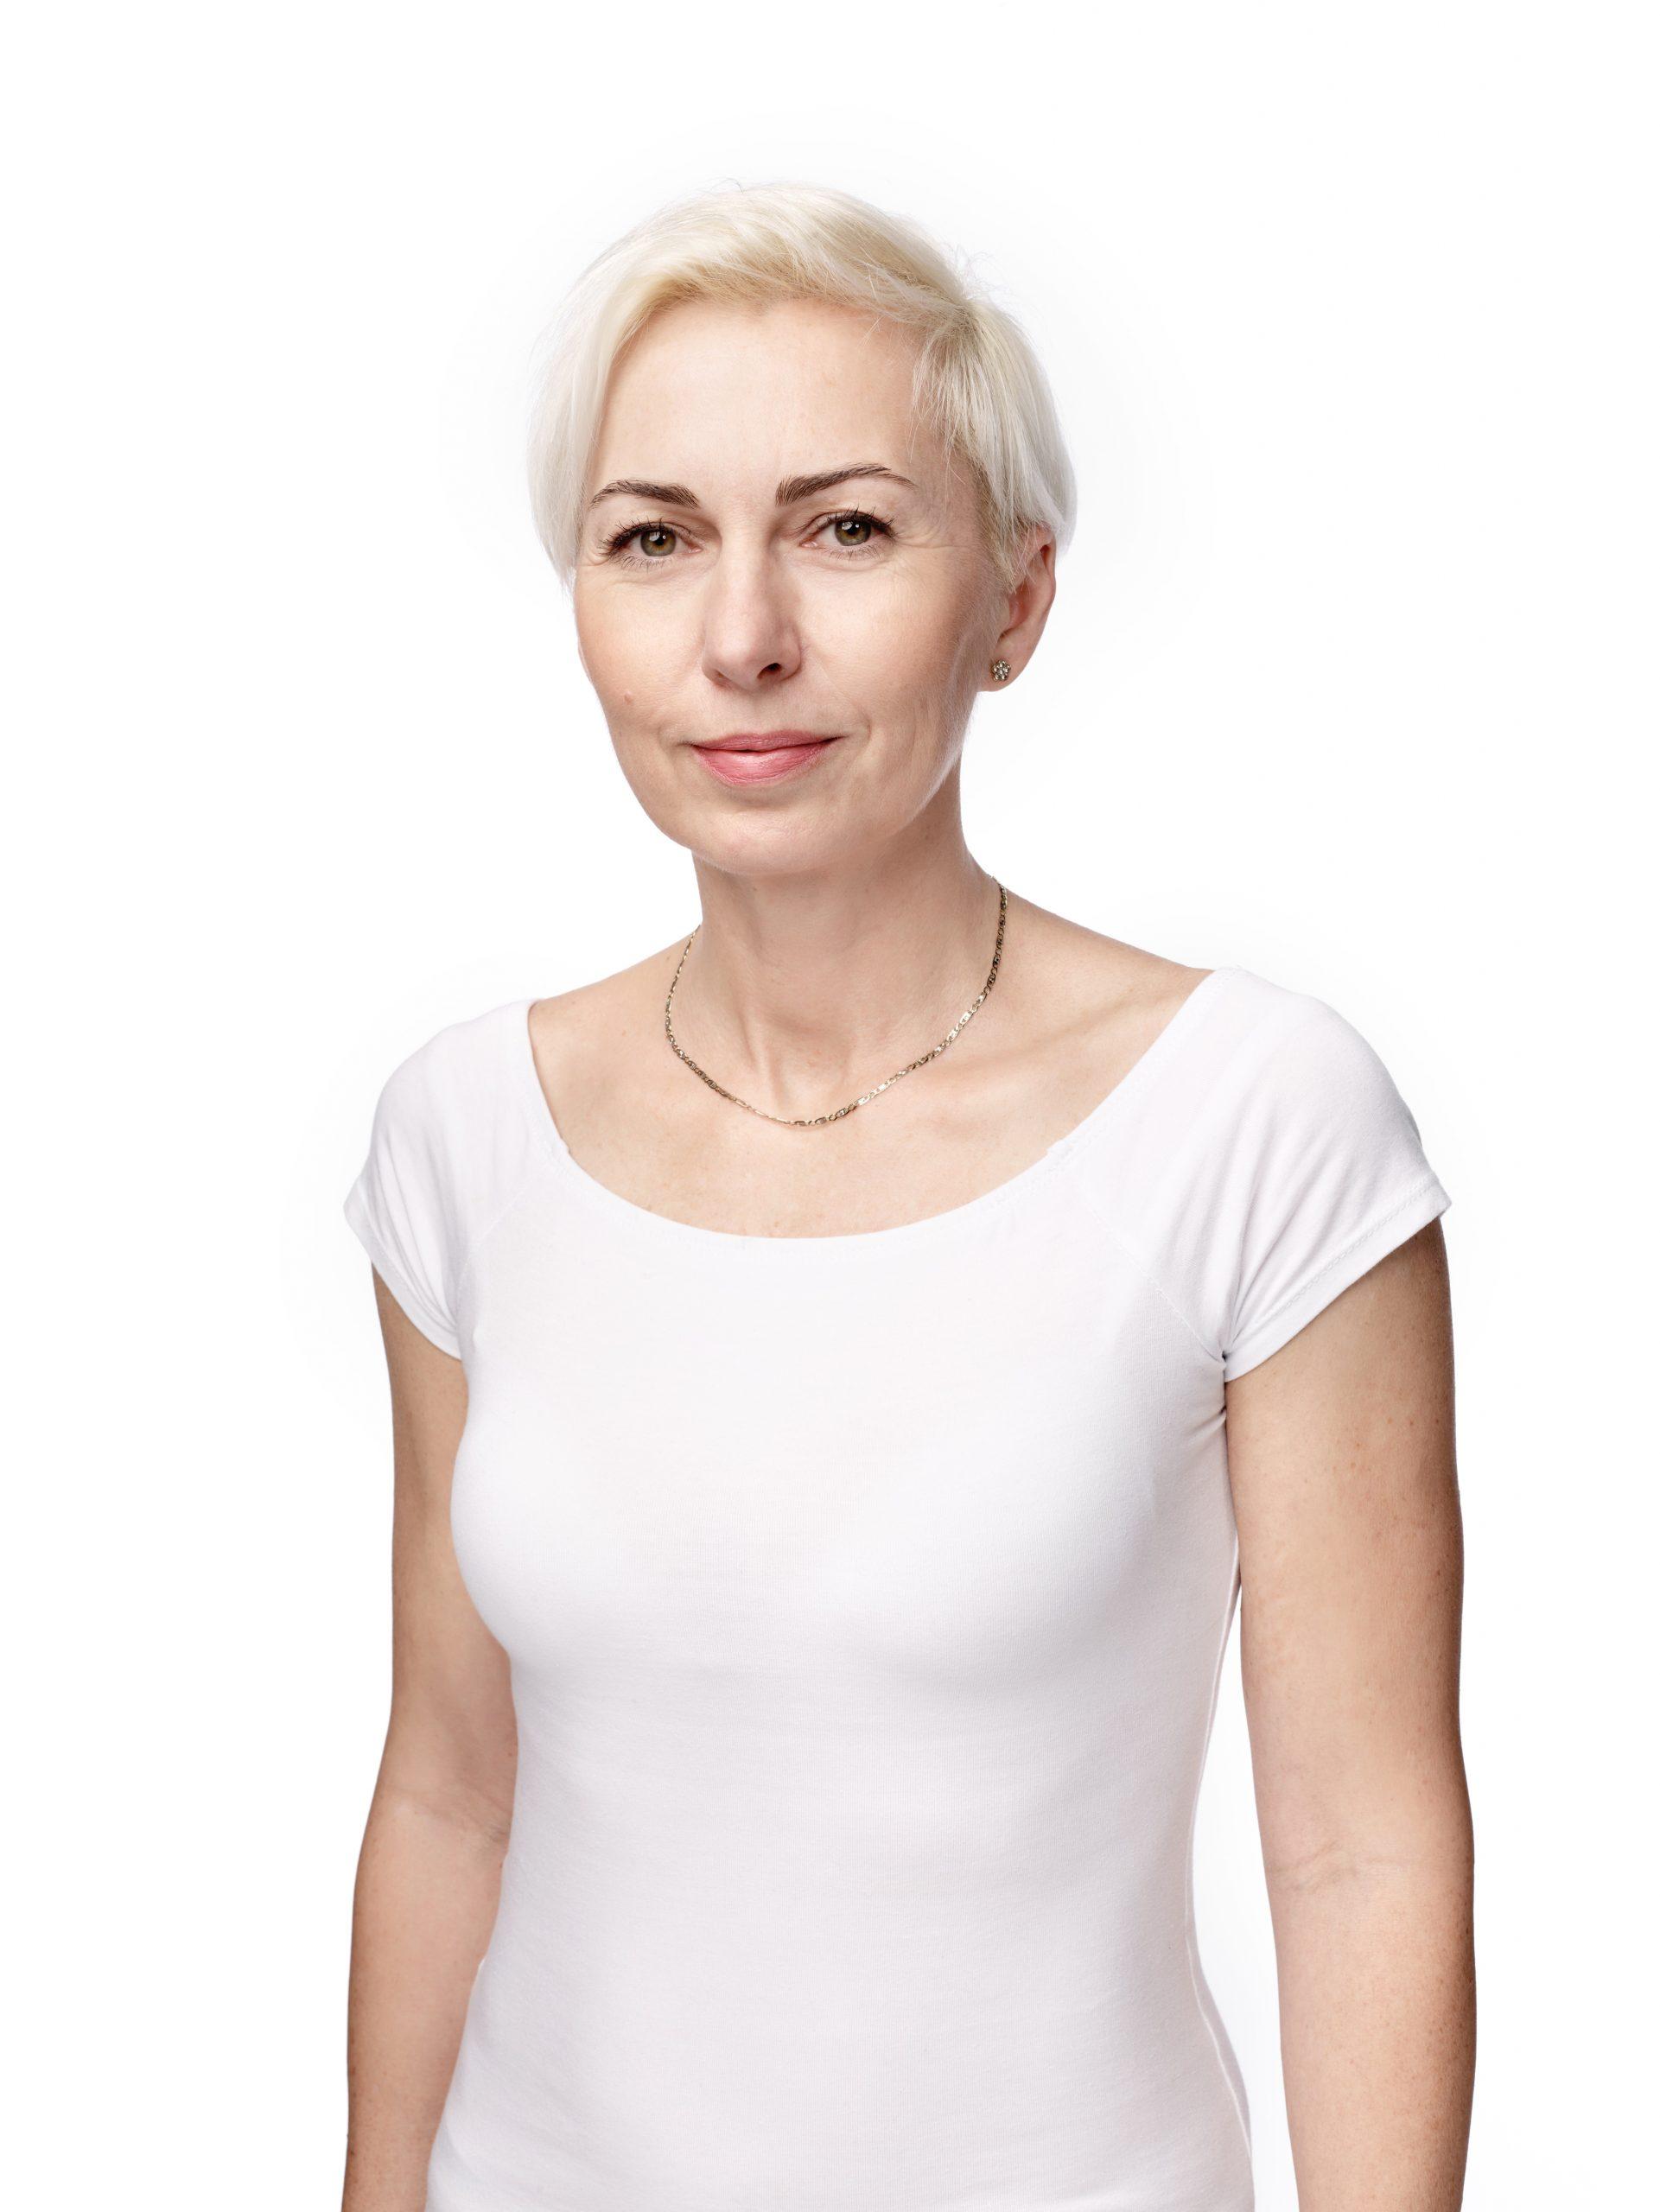 Zara Pavlíková